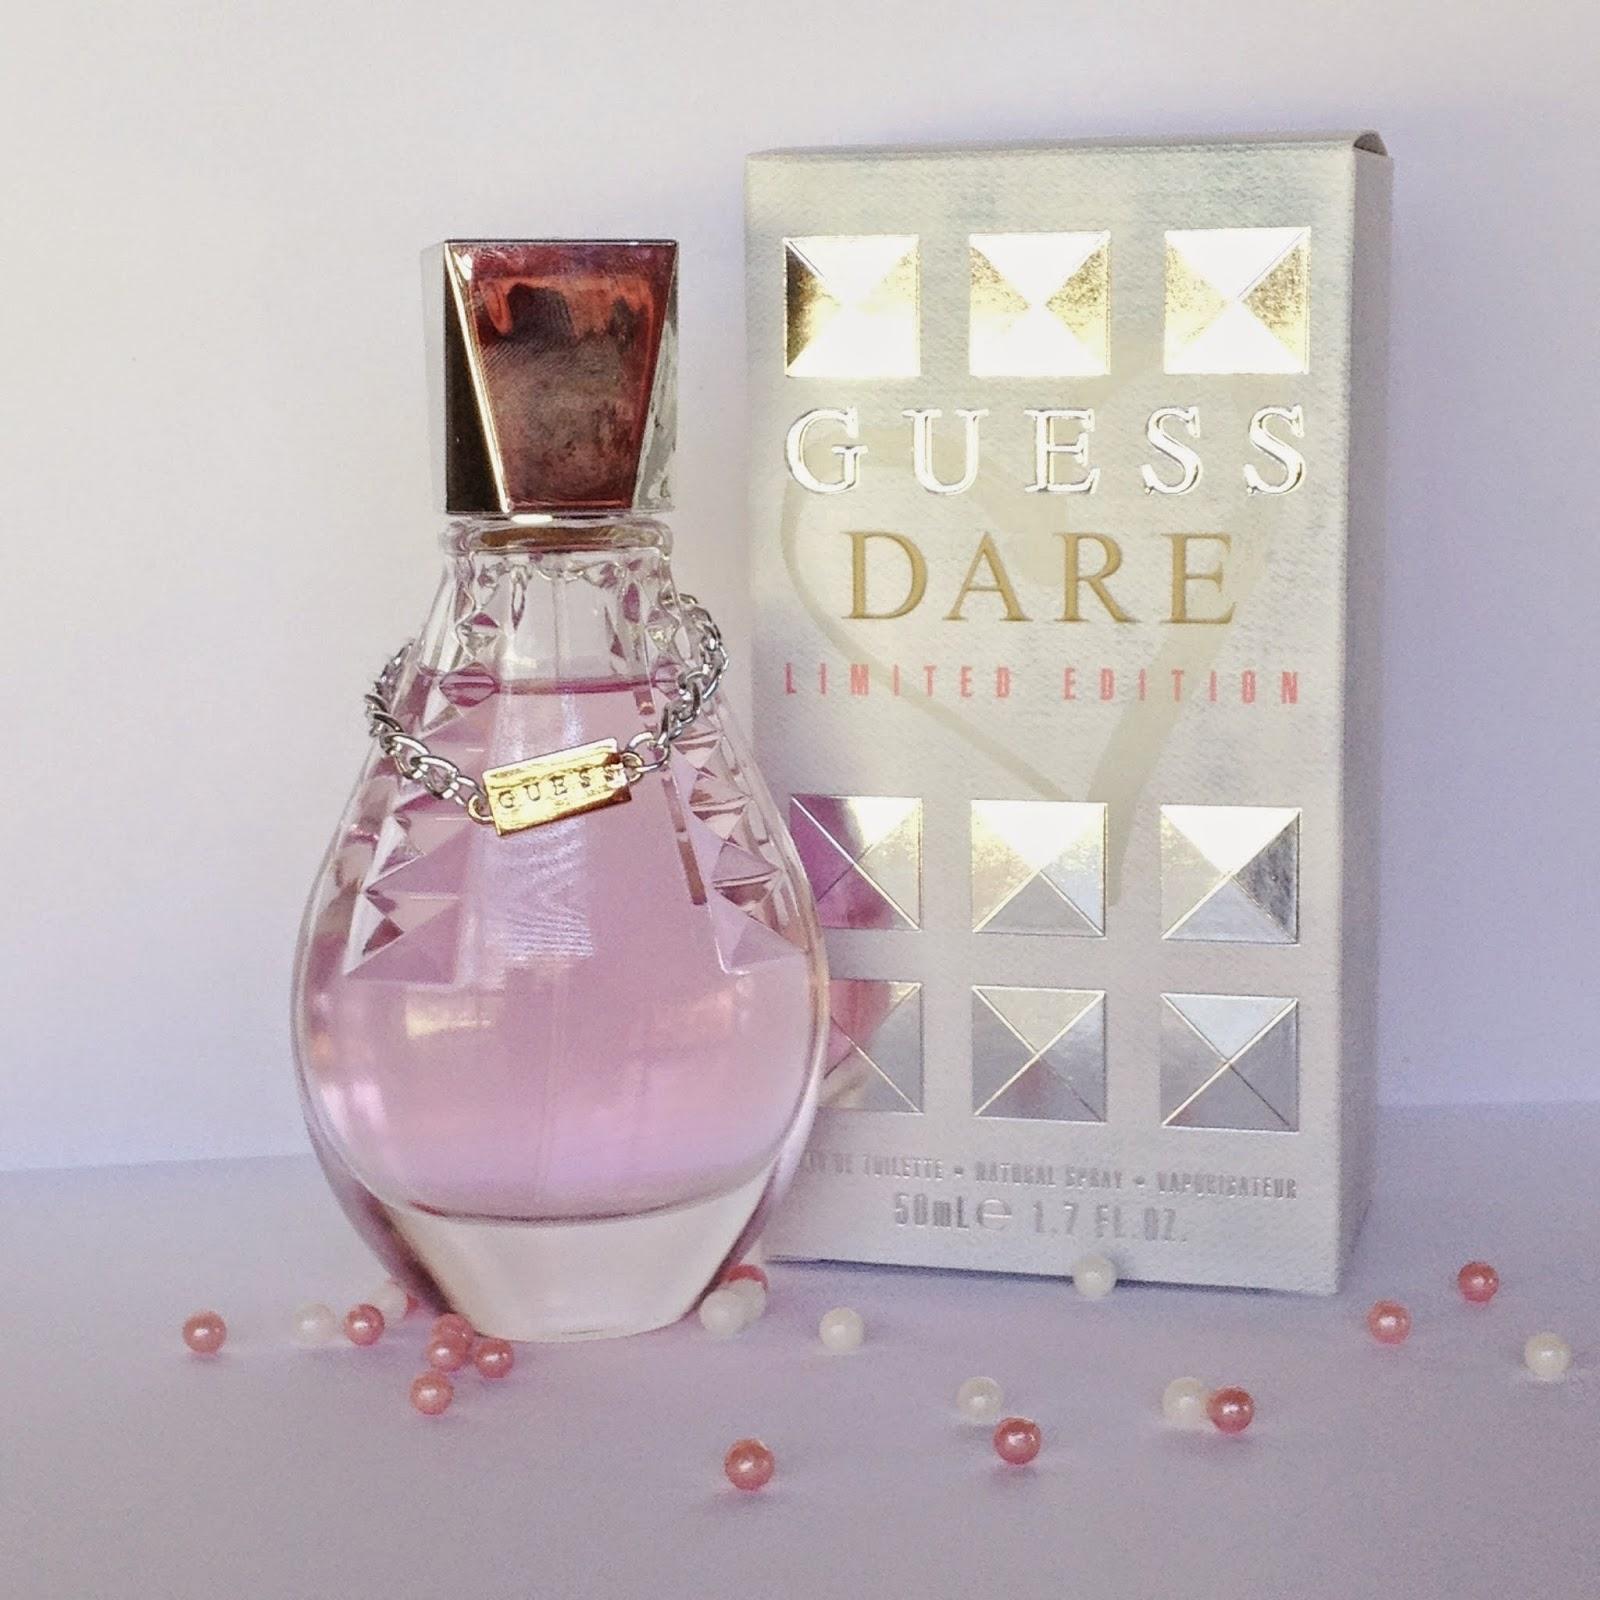 50e86d4c76871 Nagu tavaks, siis midagi teile ka! Kõik, kes siia postituse alla  kommentaarina jätavad parfüümi lingi, mida ma järgmisel kuul katsetada  võiksin, ...